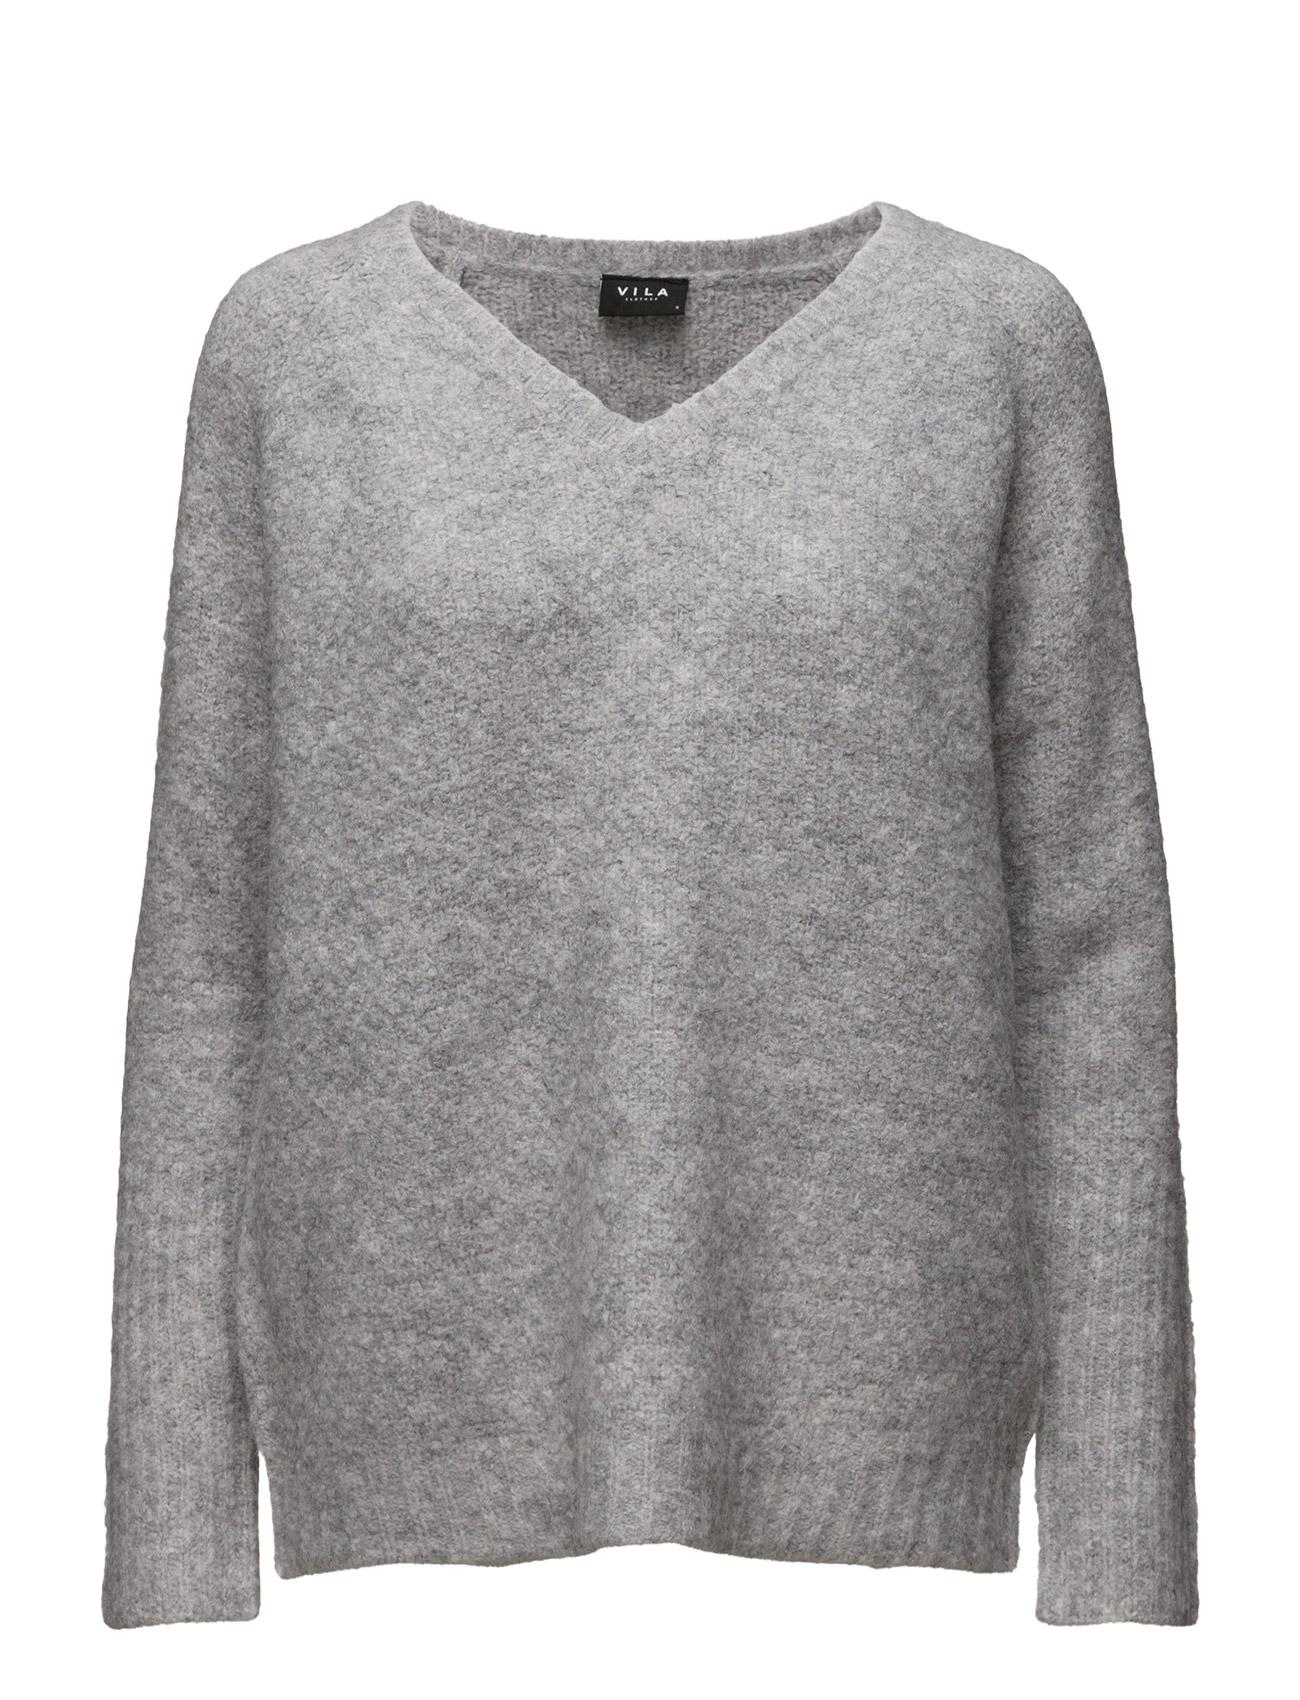 Viplace V-Neck Knit Top-Noos Vila Sweatshirts til Damer i Light Grey Melange